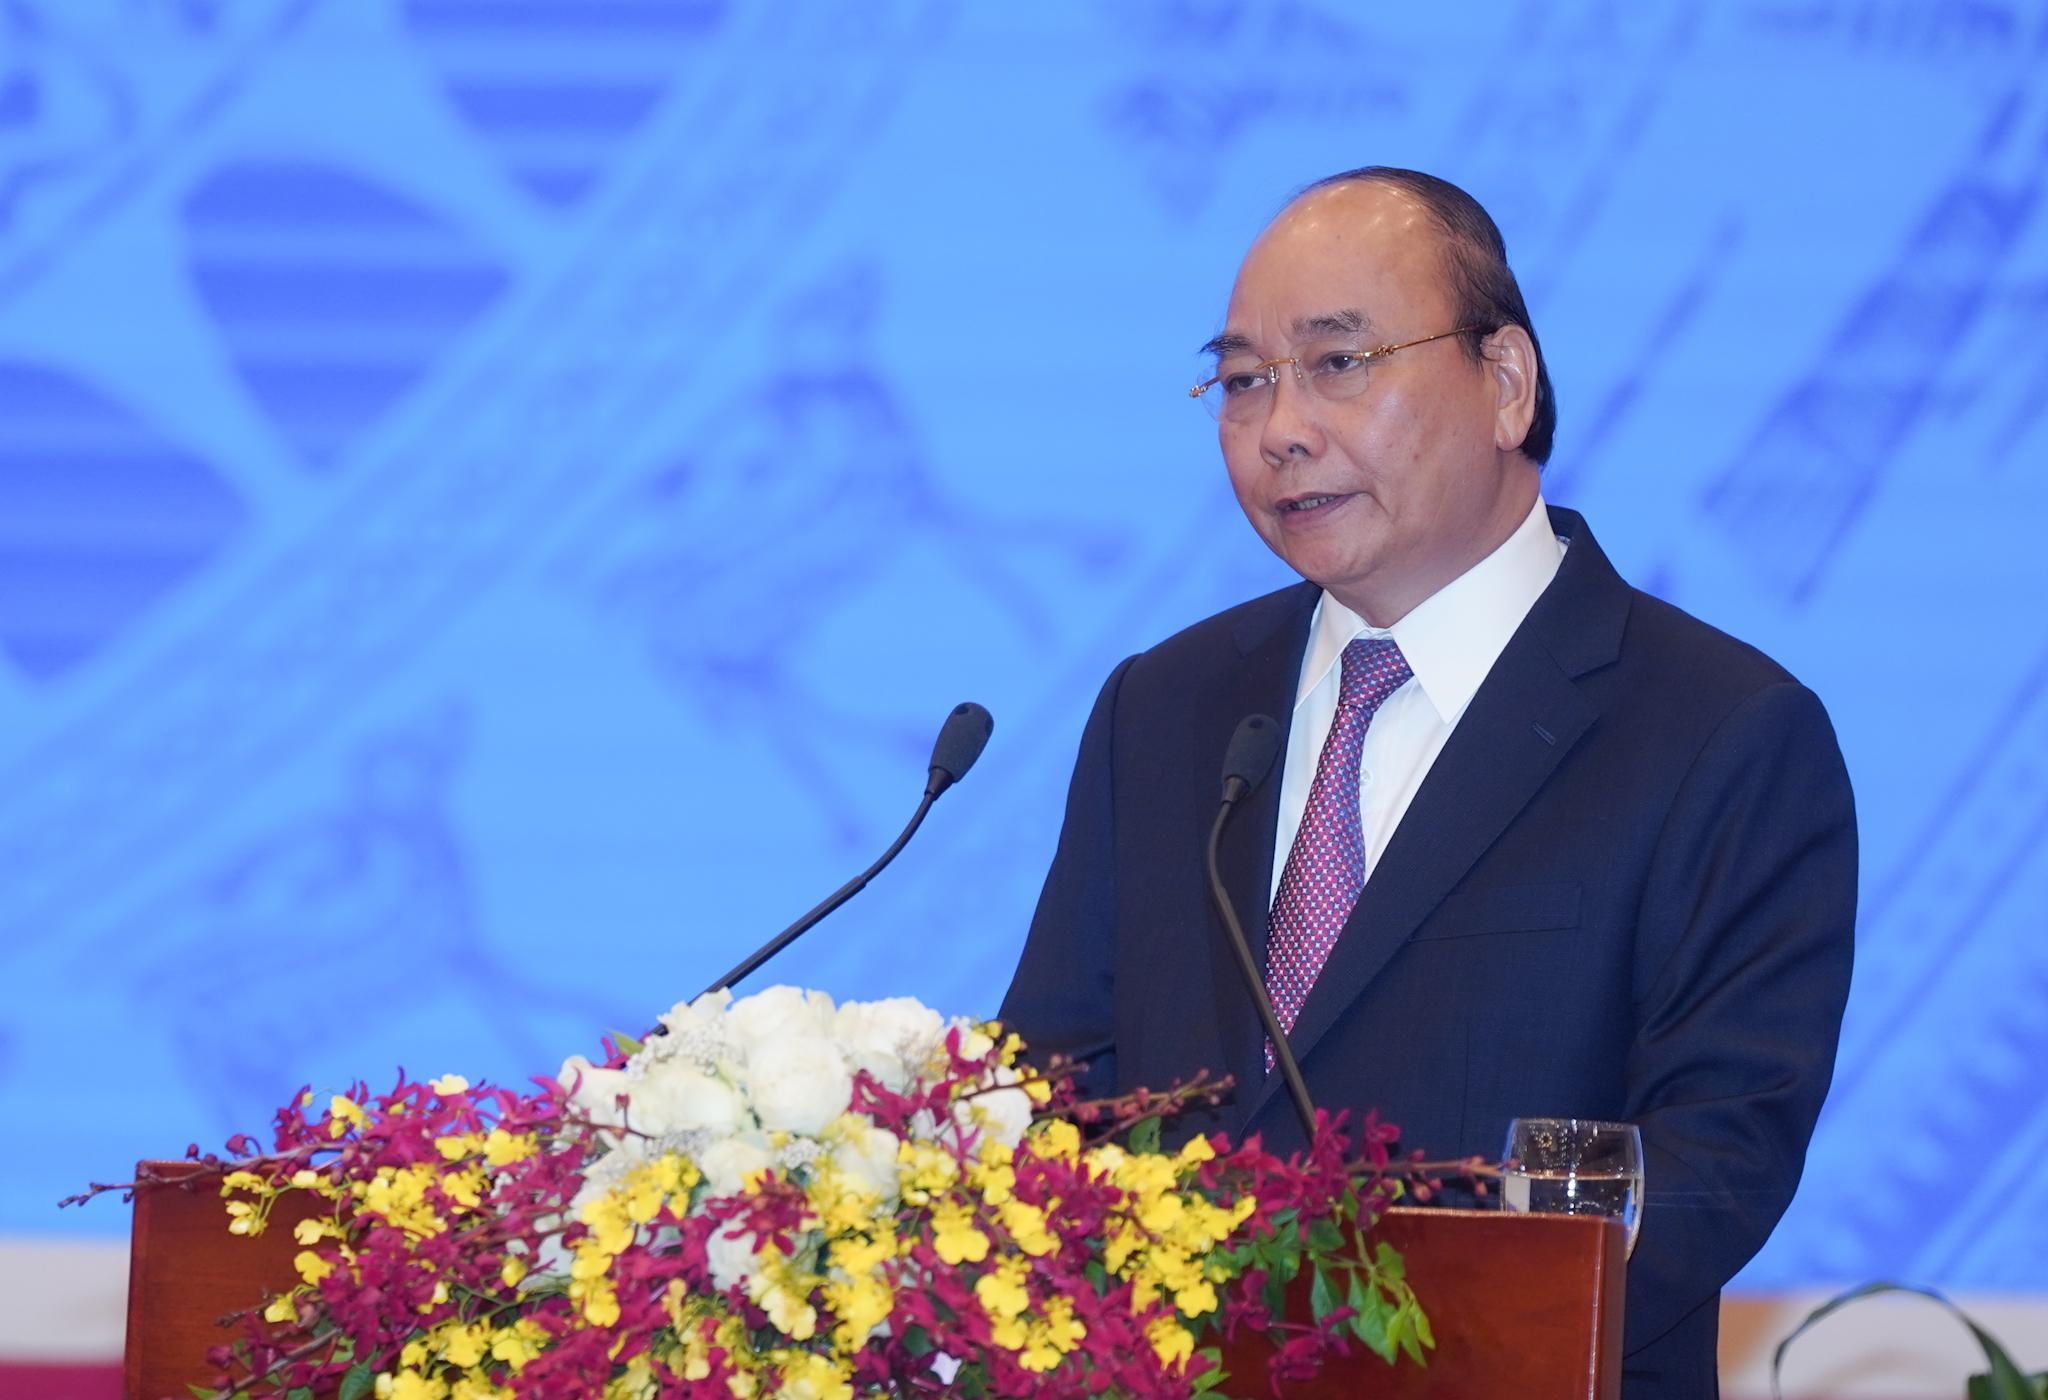 Sáng 9/5/2020 Thủ tướng chủ trì Hội nghị với doanh nghiệp về phục hồi nền kinh tế